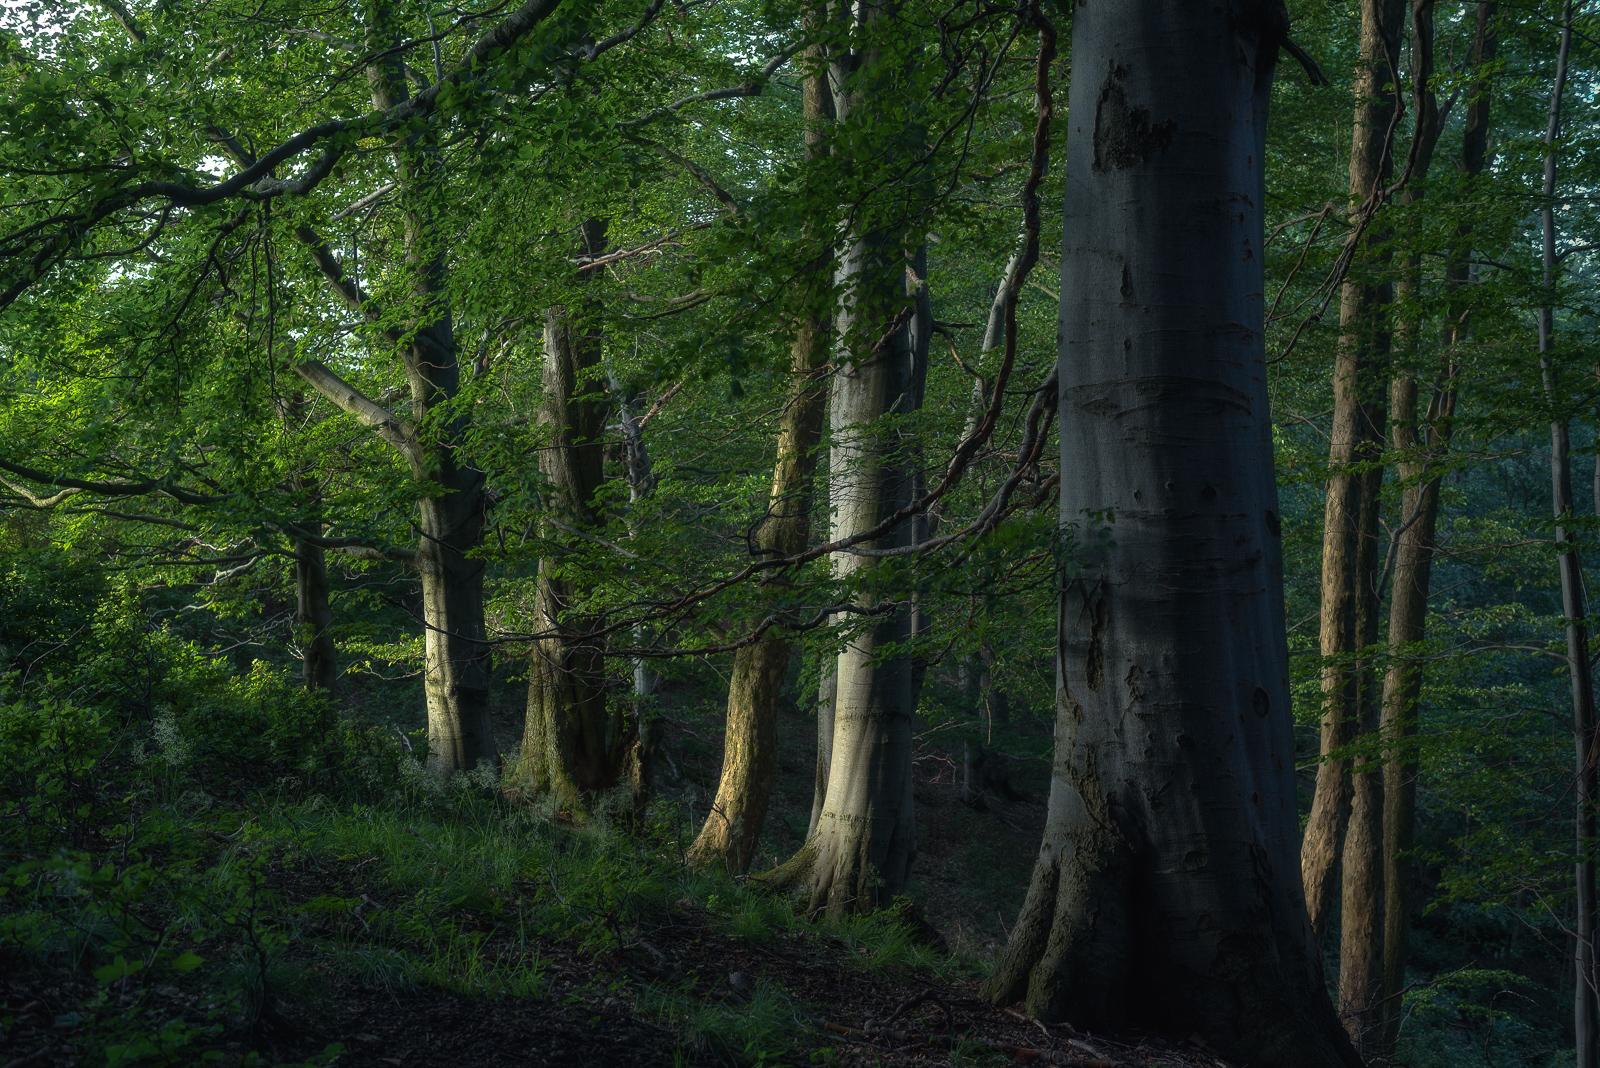 Stara buczyna z jaworami przy skraju lasu.